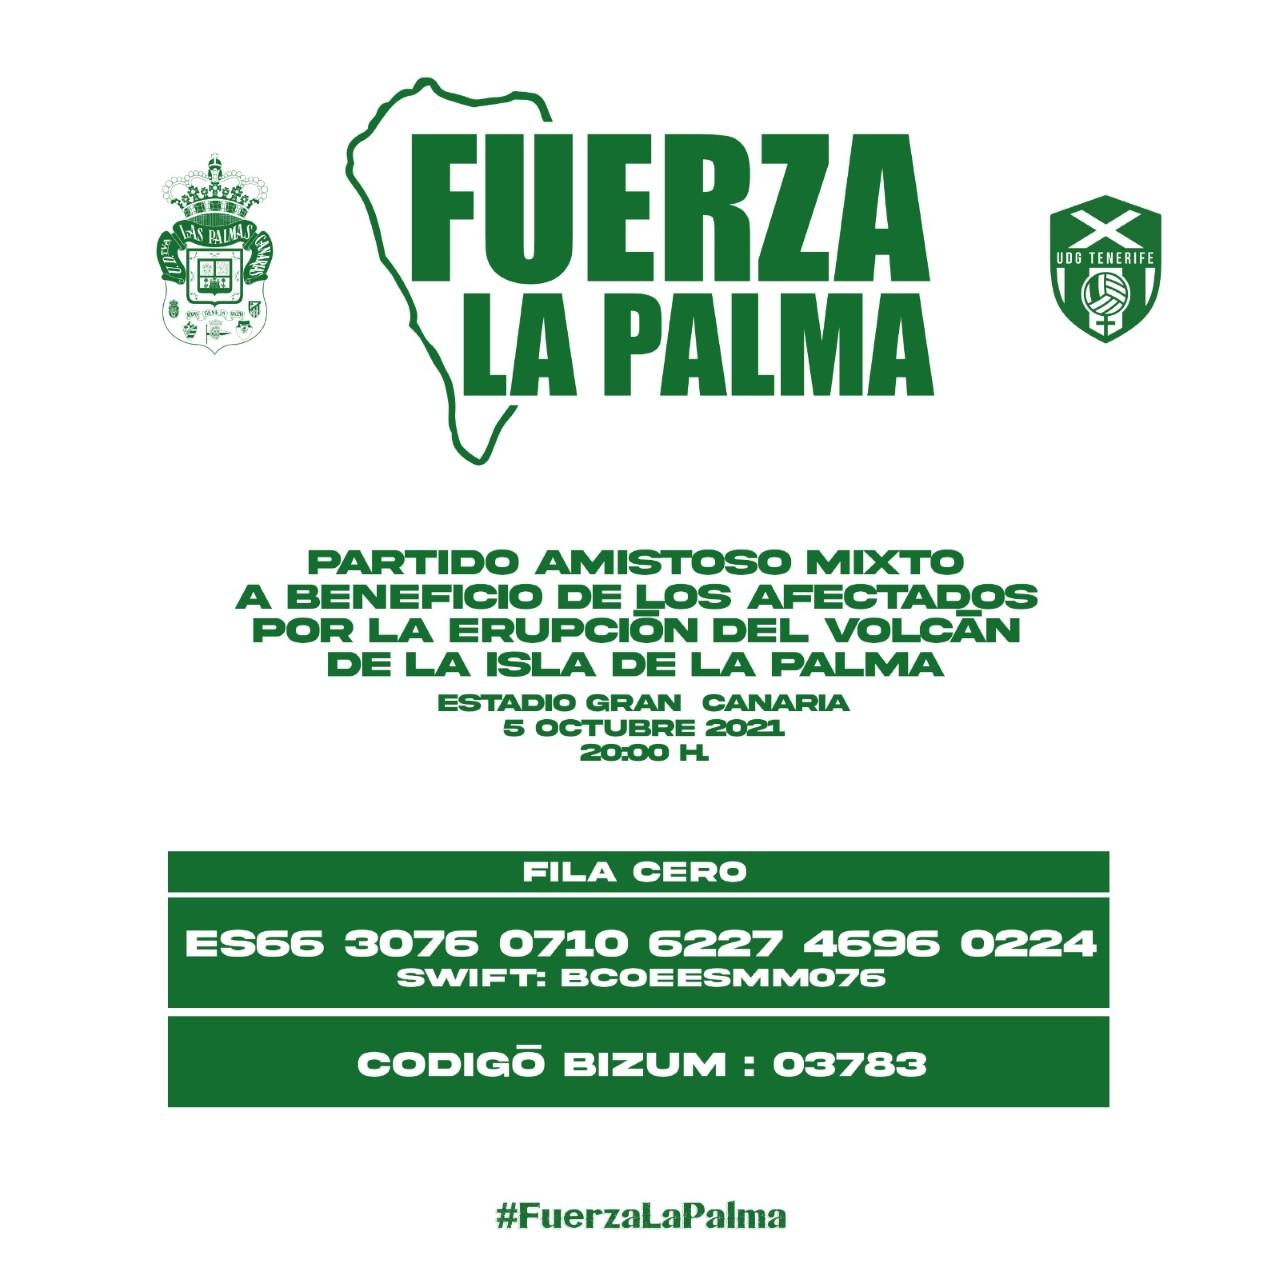 Todo preparado para el partido amistoso mixto Fuerza La Palma